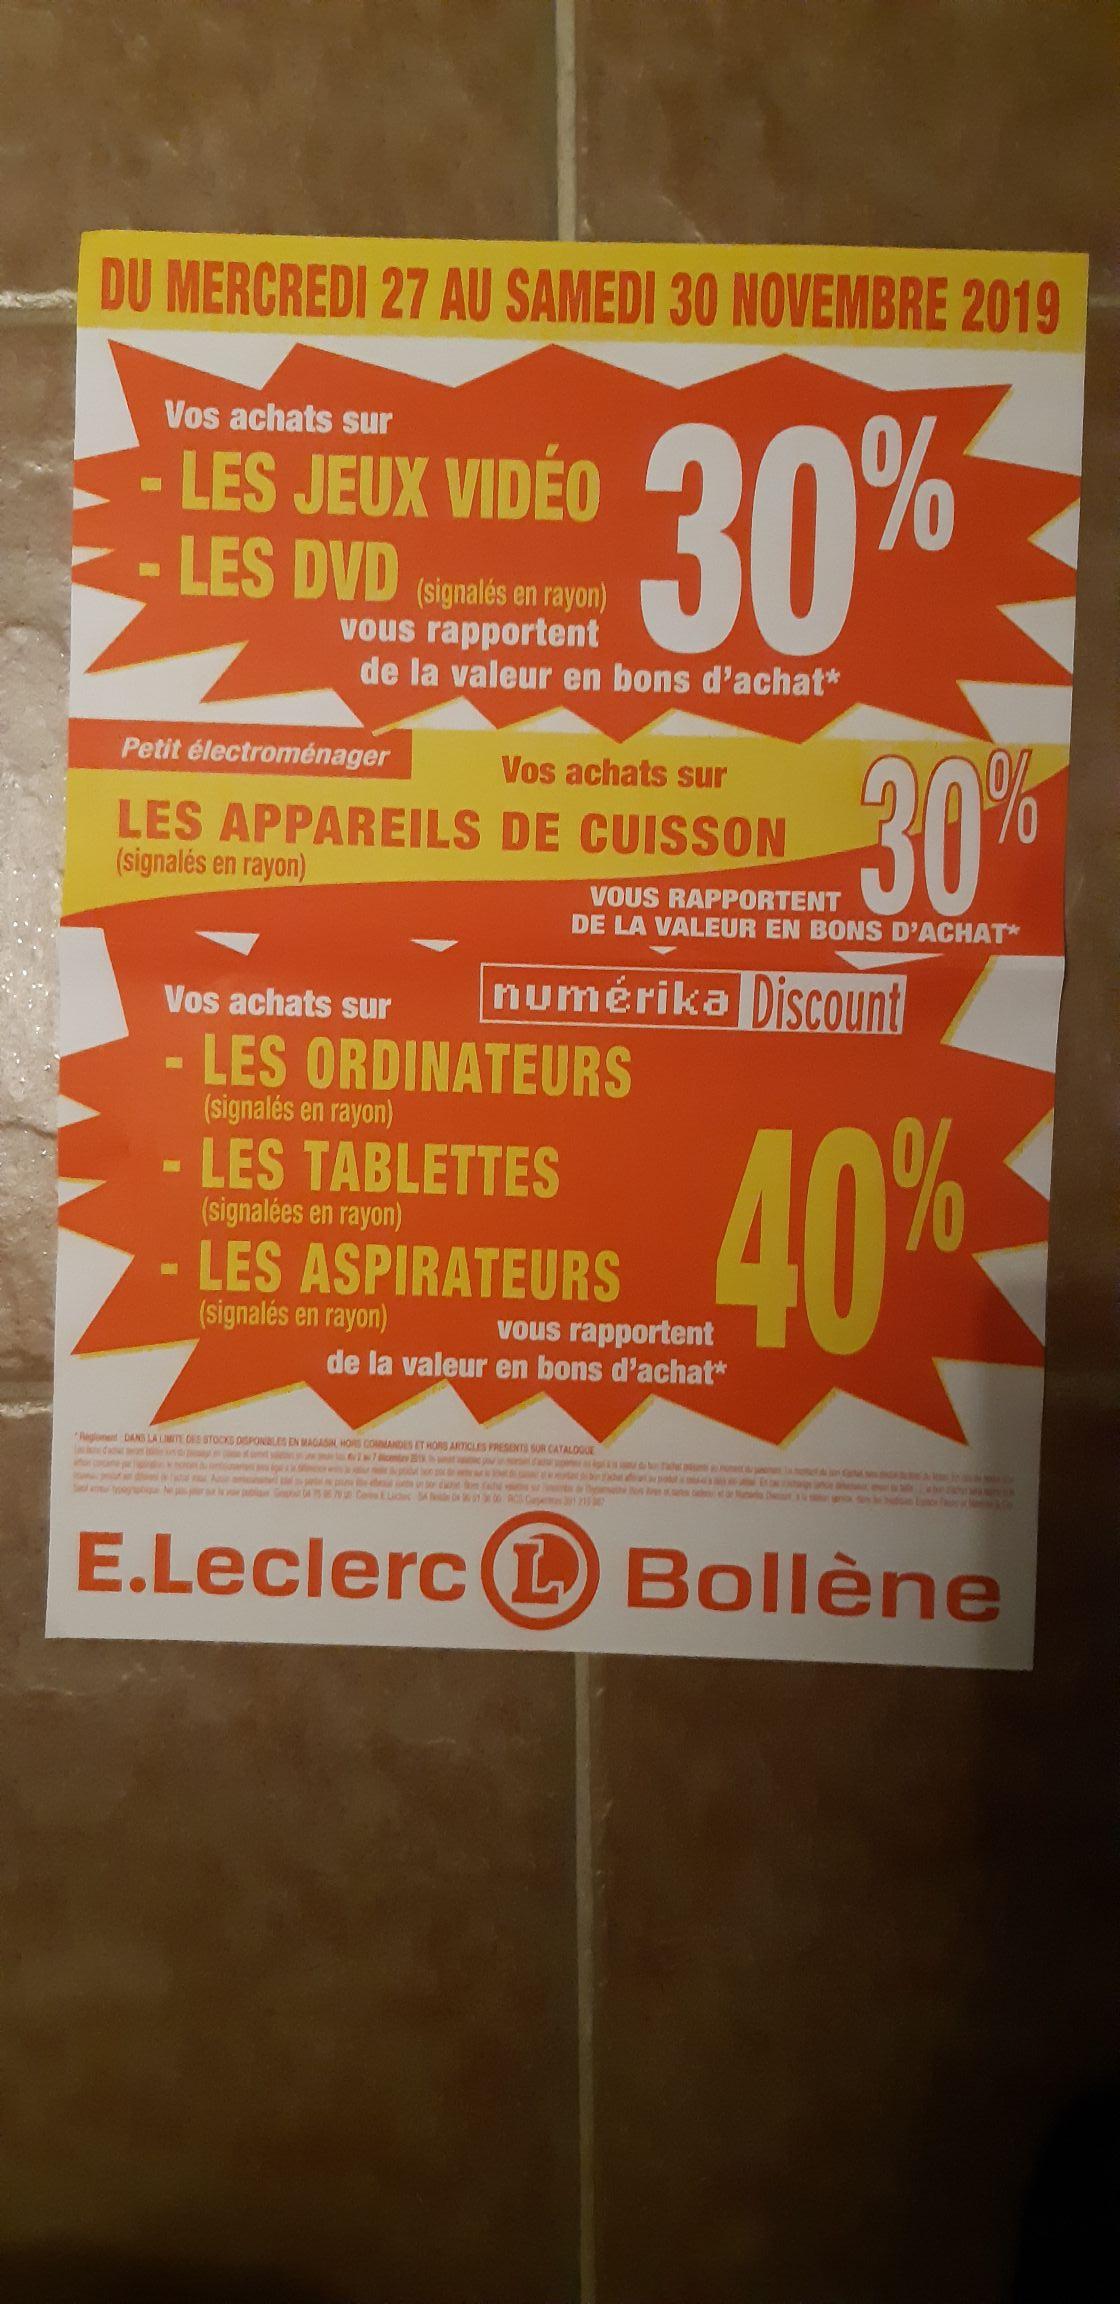 30% offert en bon d'achat sur les jeux vidéos - Leclerc Bollène (84)